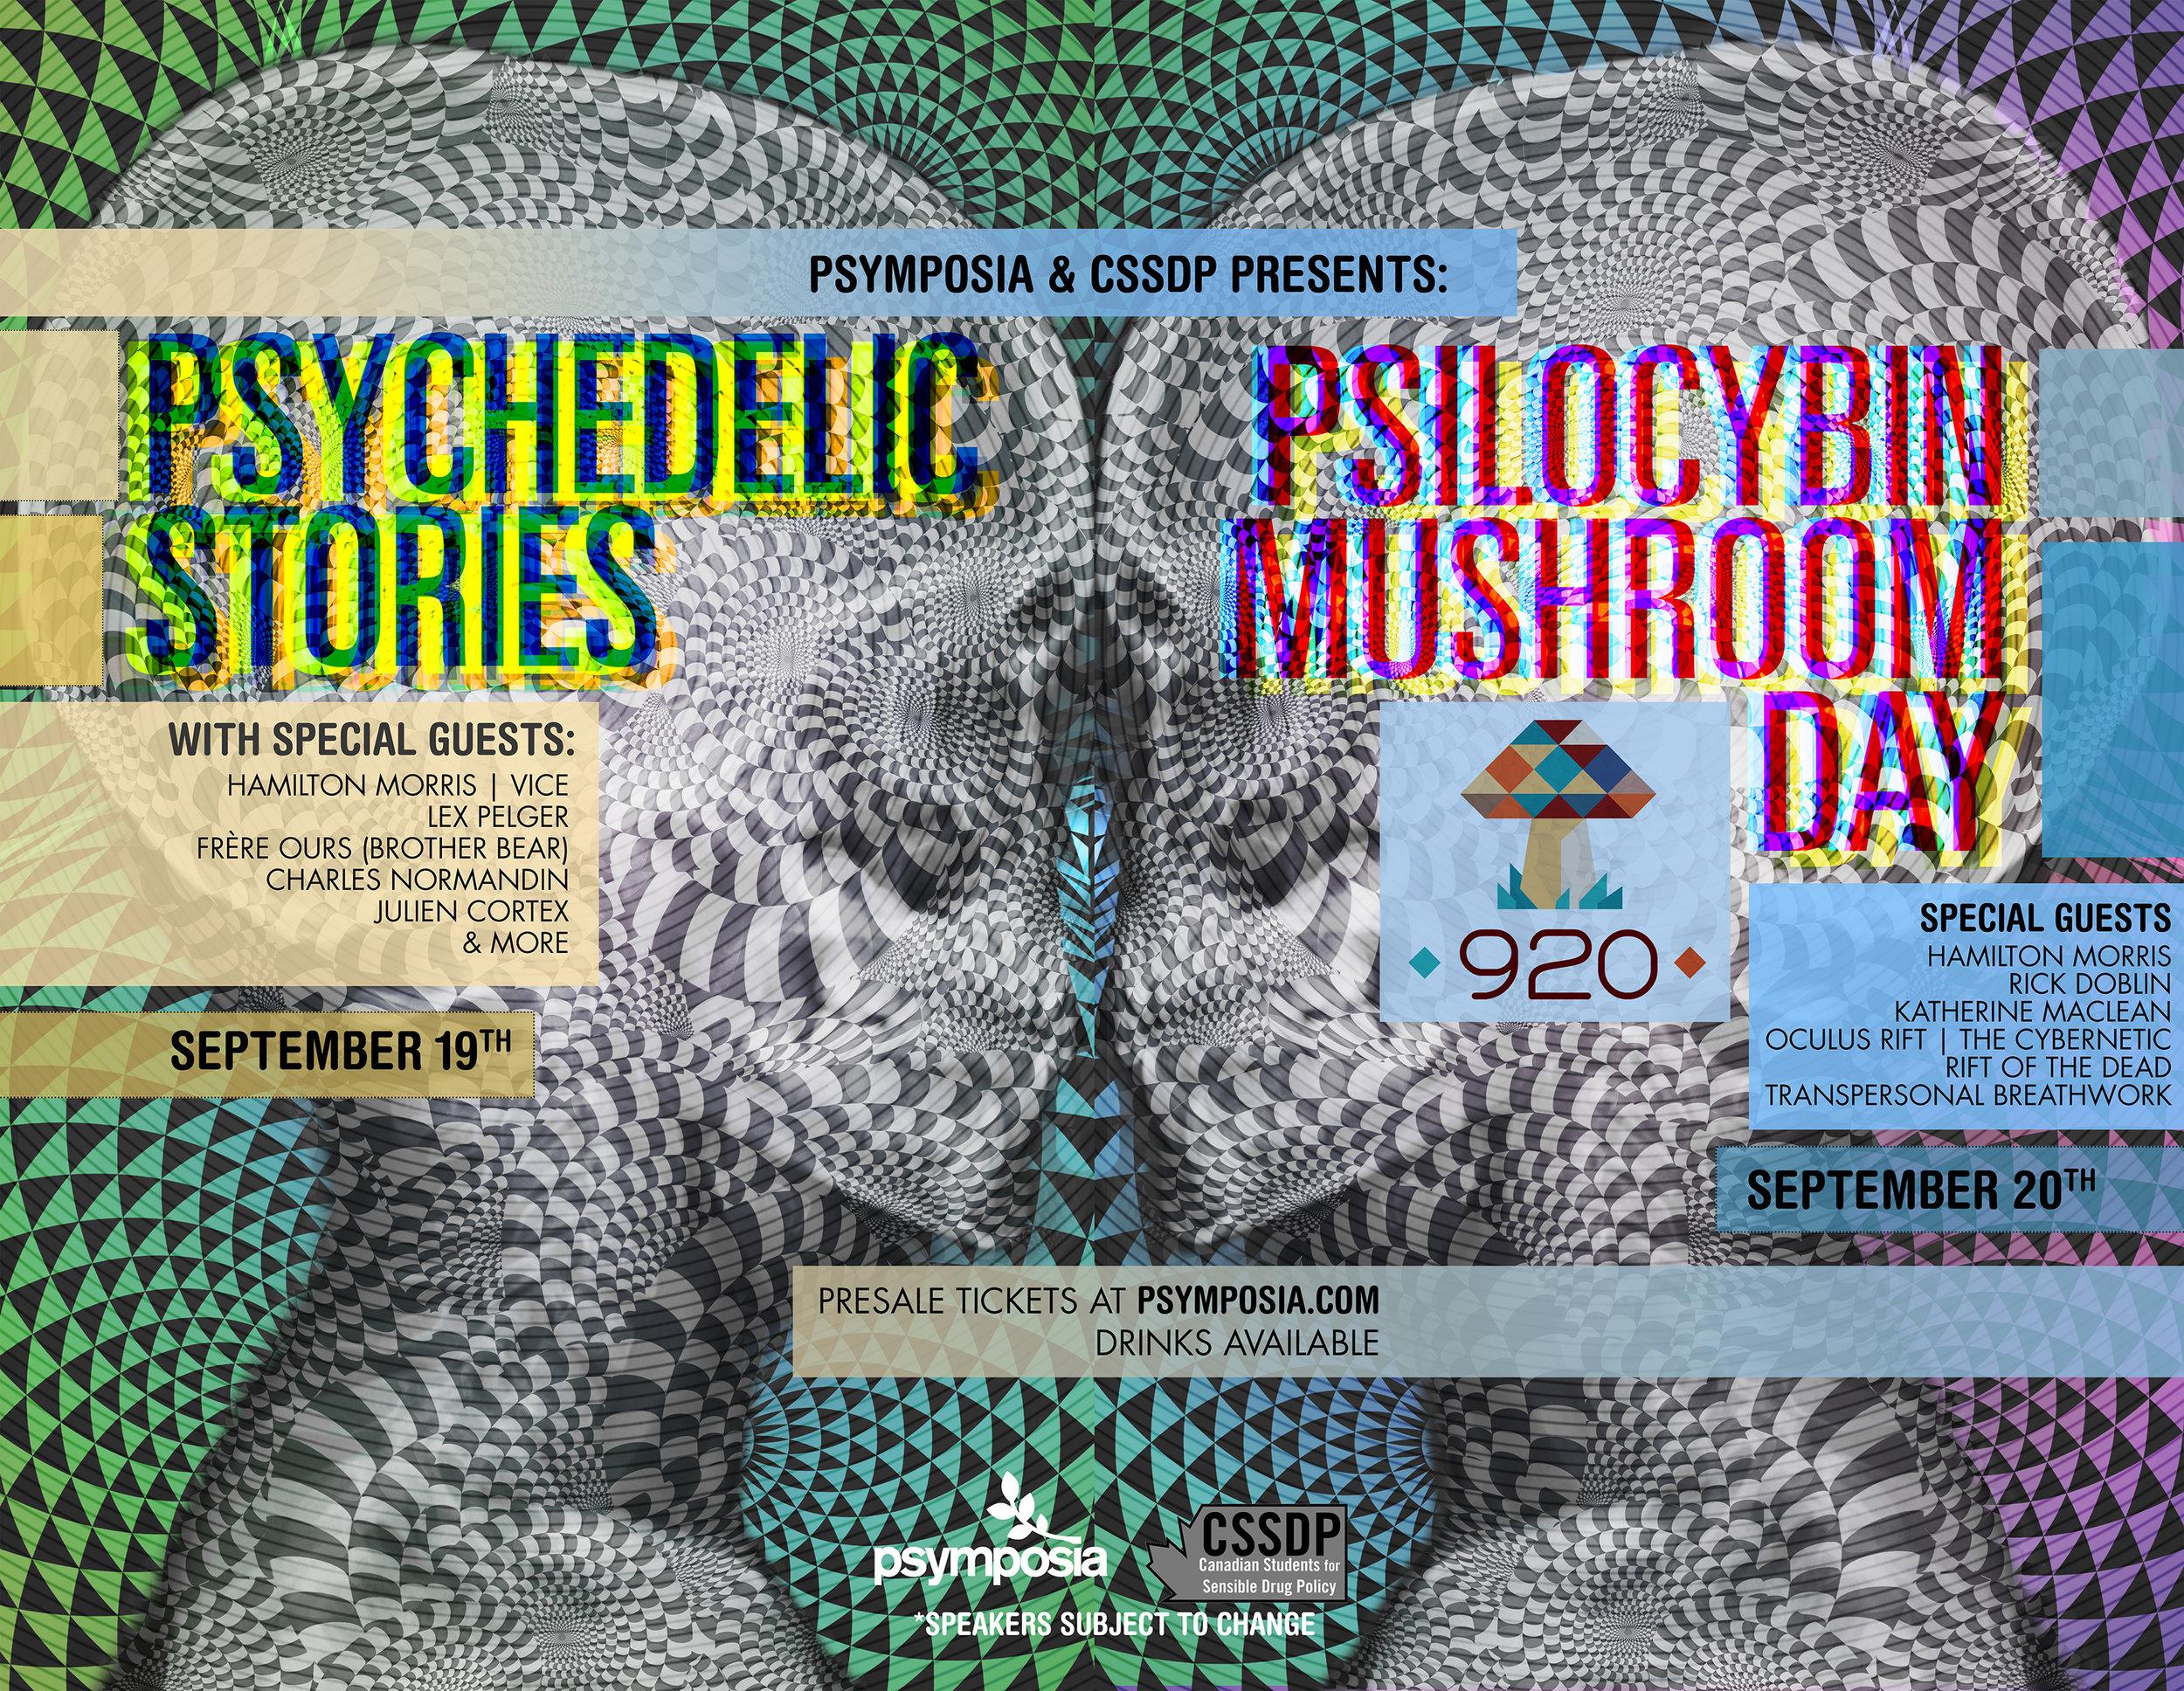 psychedelicstories.flyer.jpg